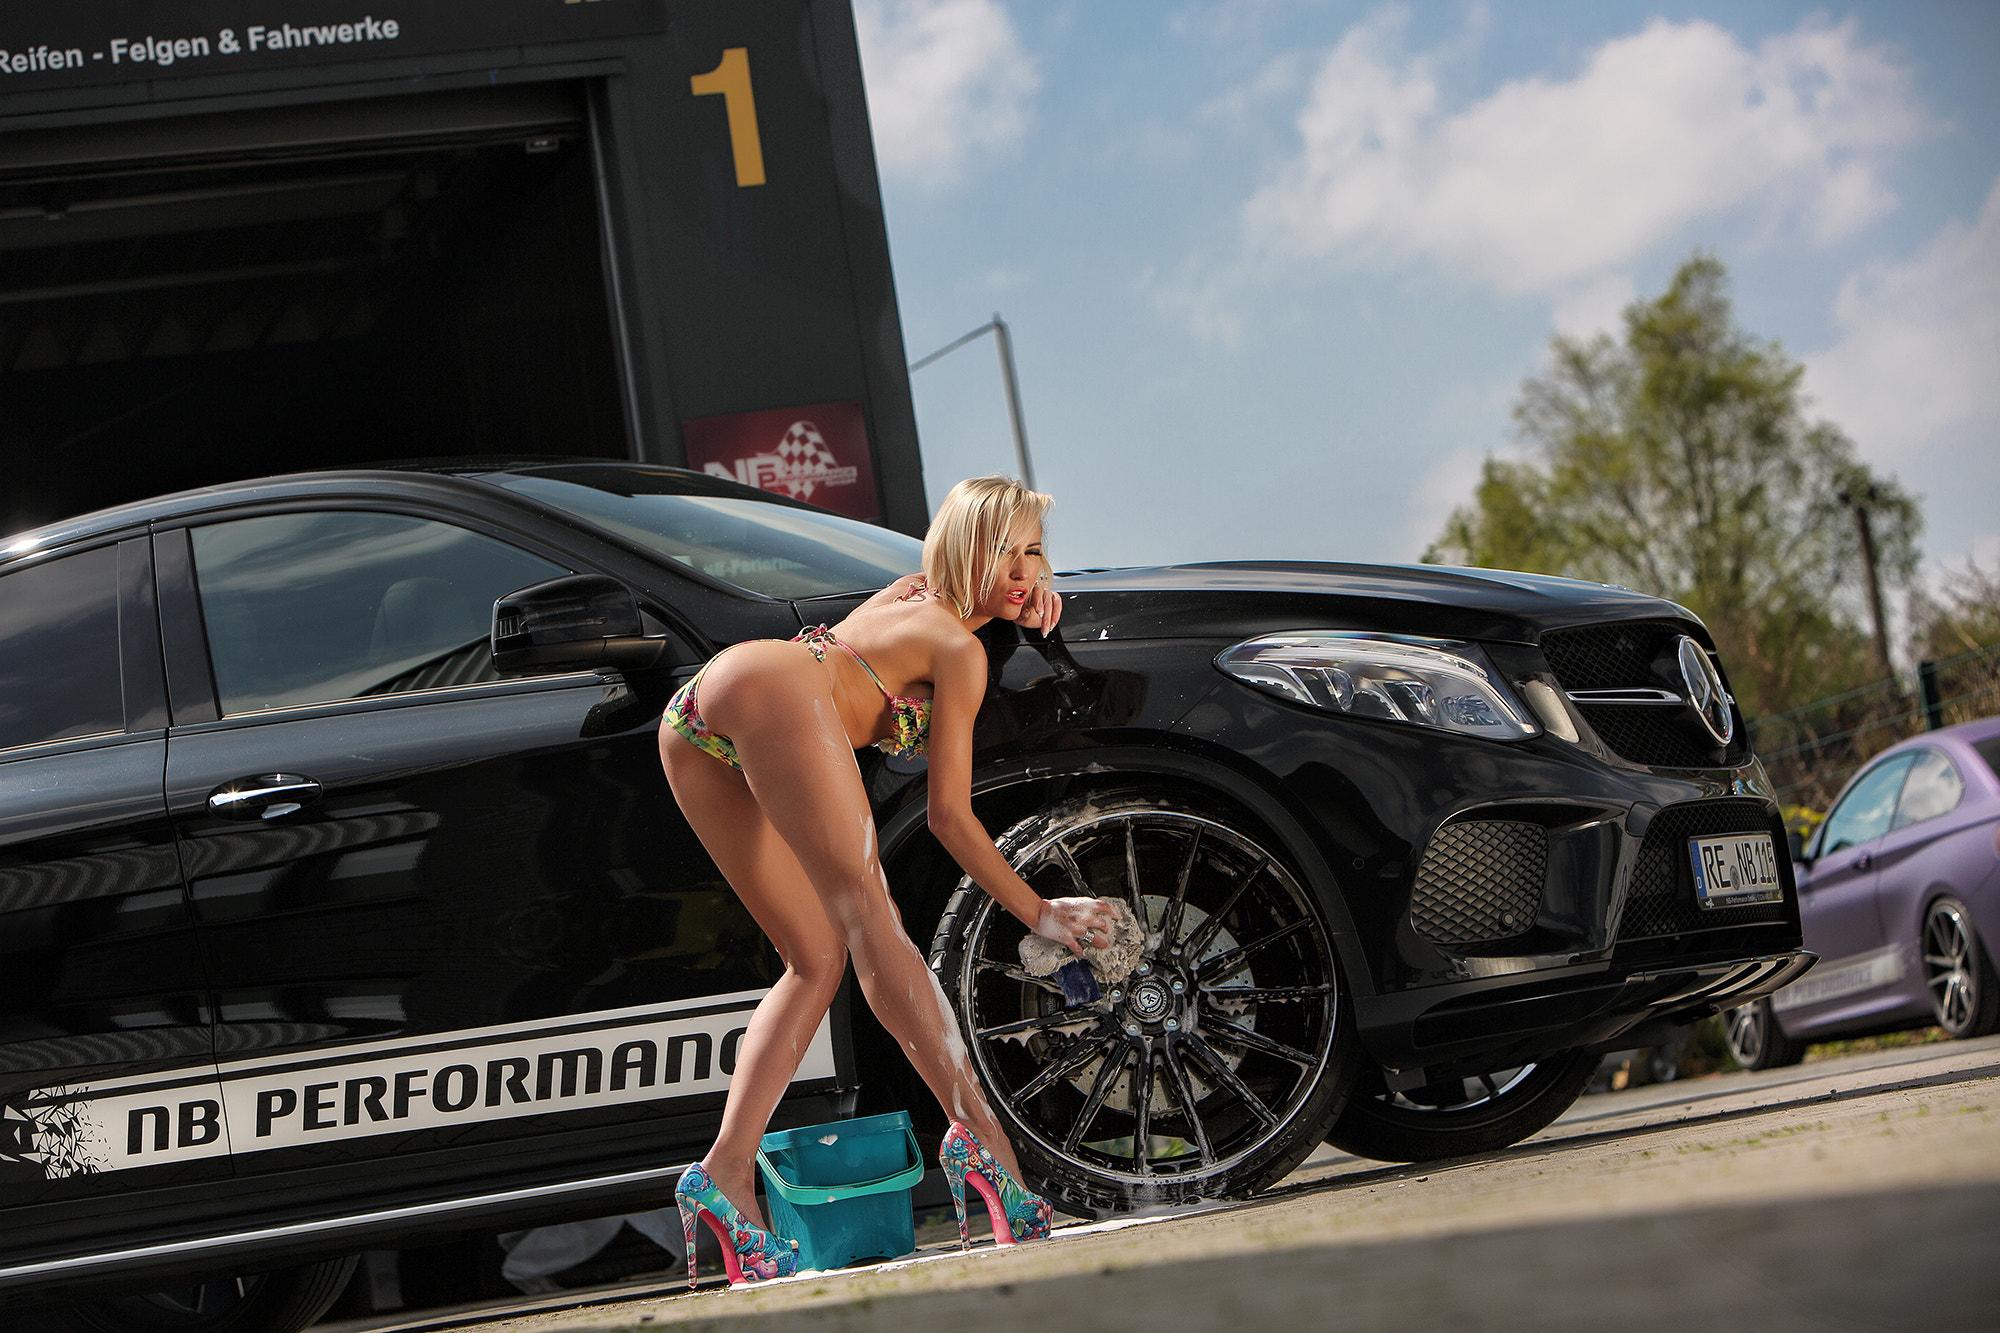 Mercedes Benz and bikini carwash